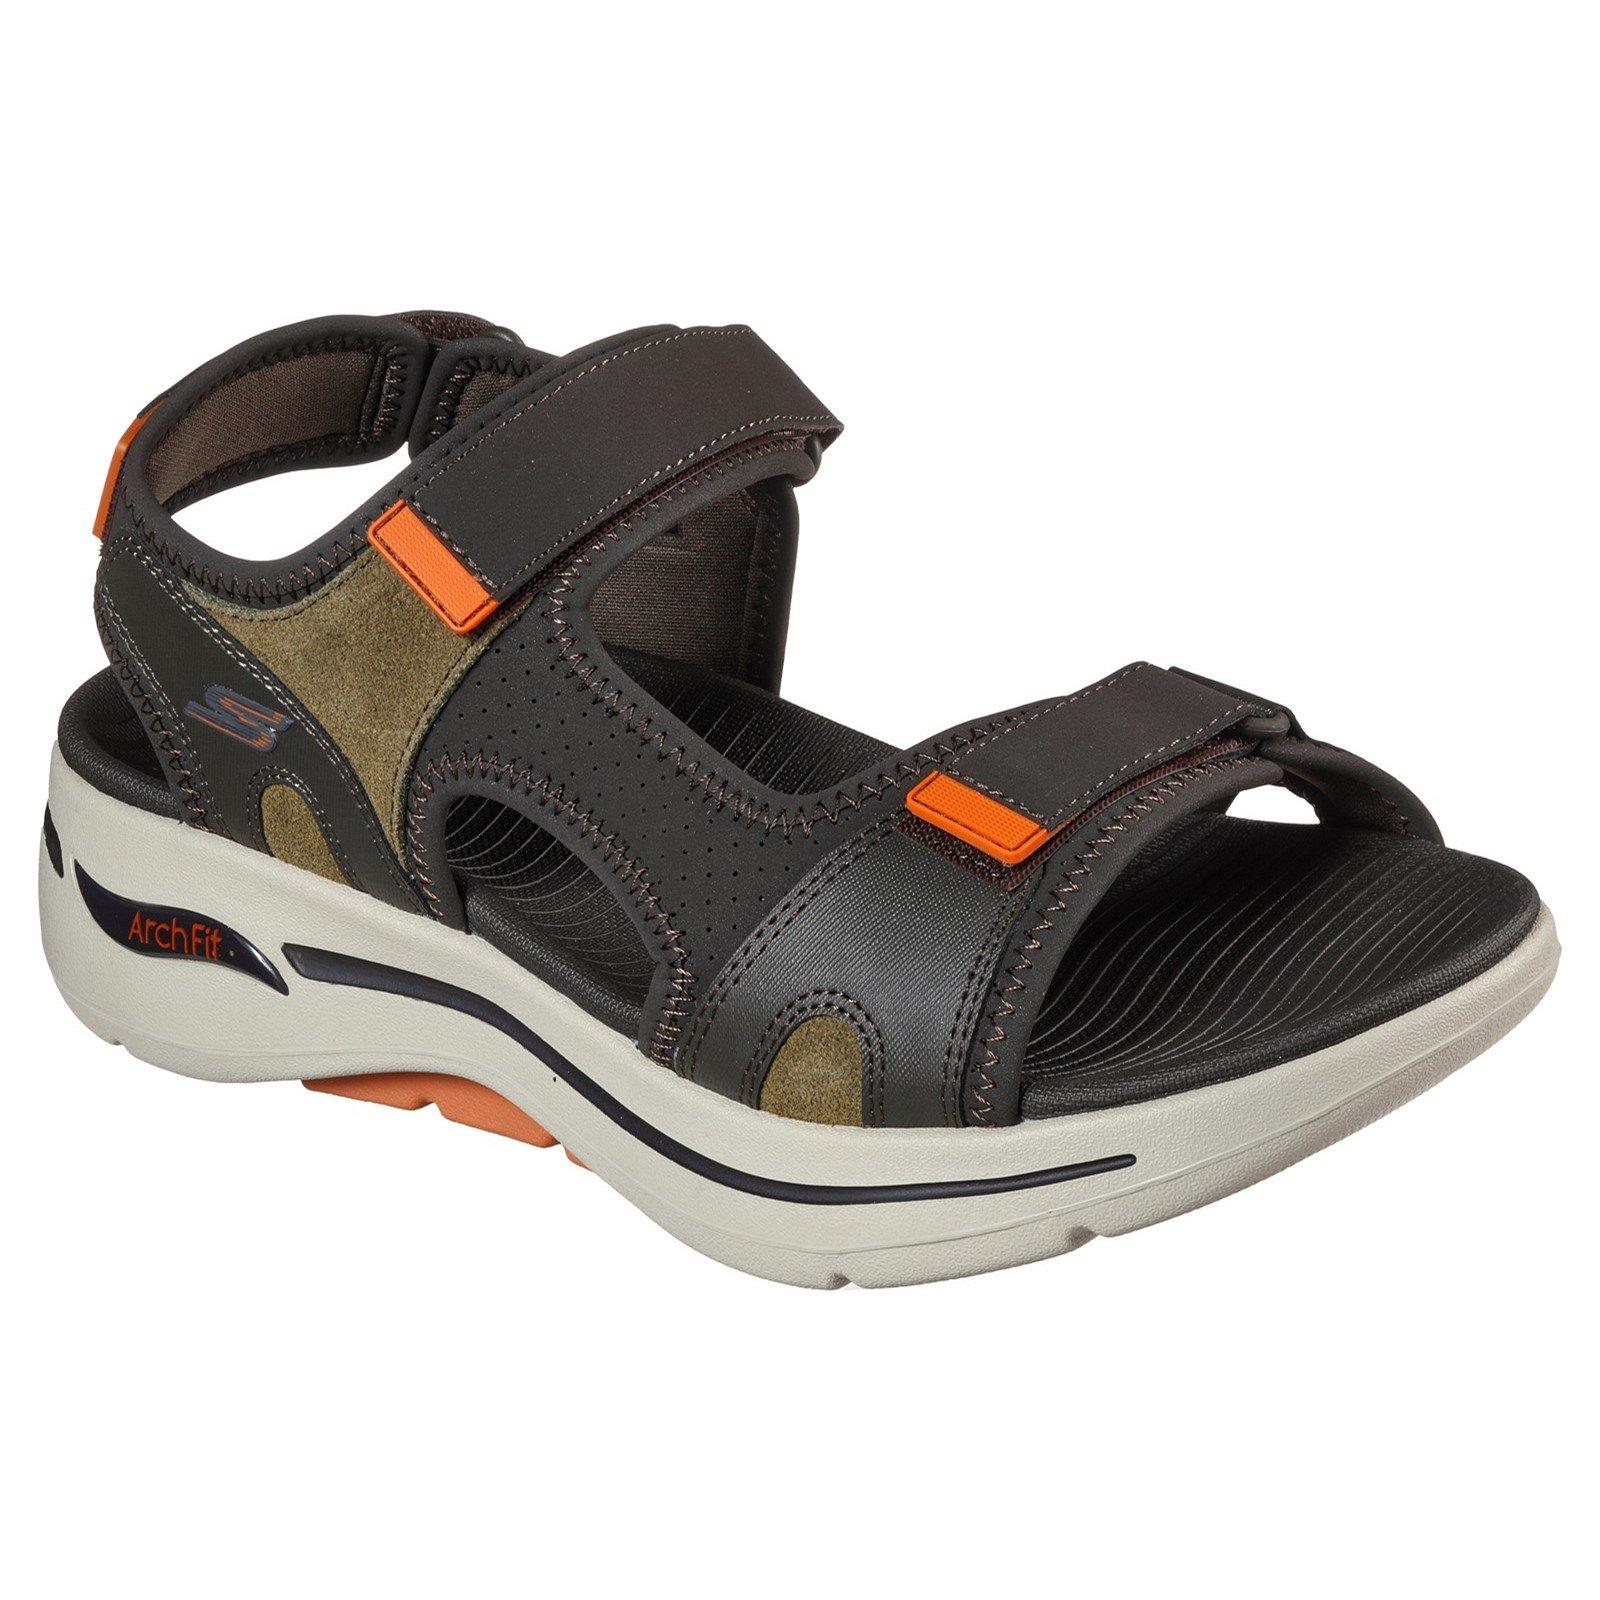 Skechers Men's Go Walk Arch Fit Mission Summer Sandal Multicolor 32211 - Olive/Orange 12